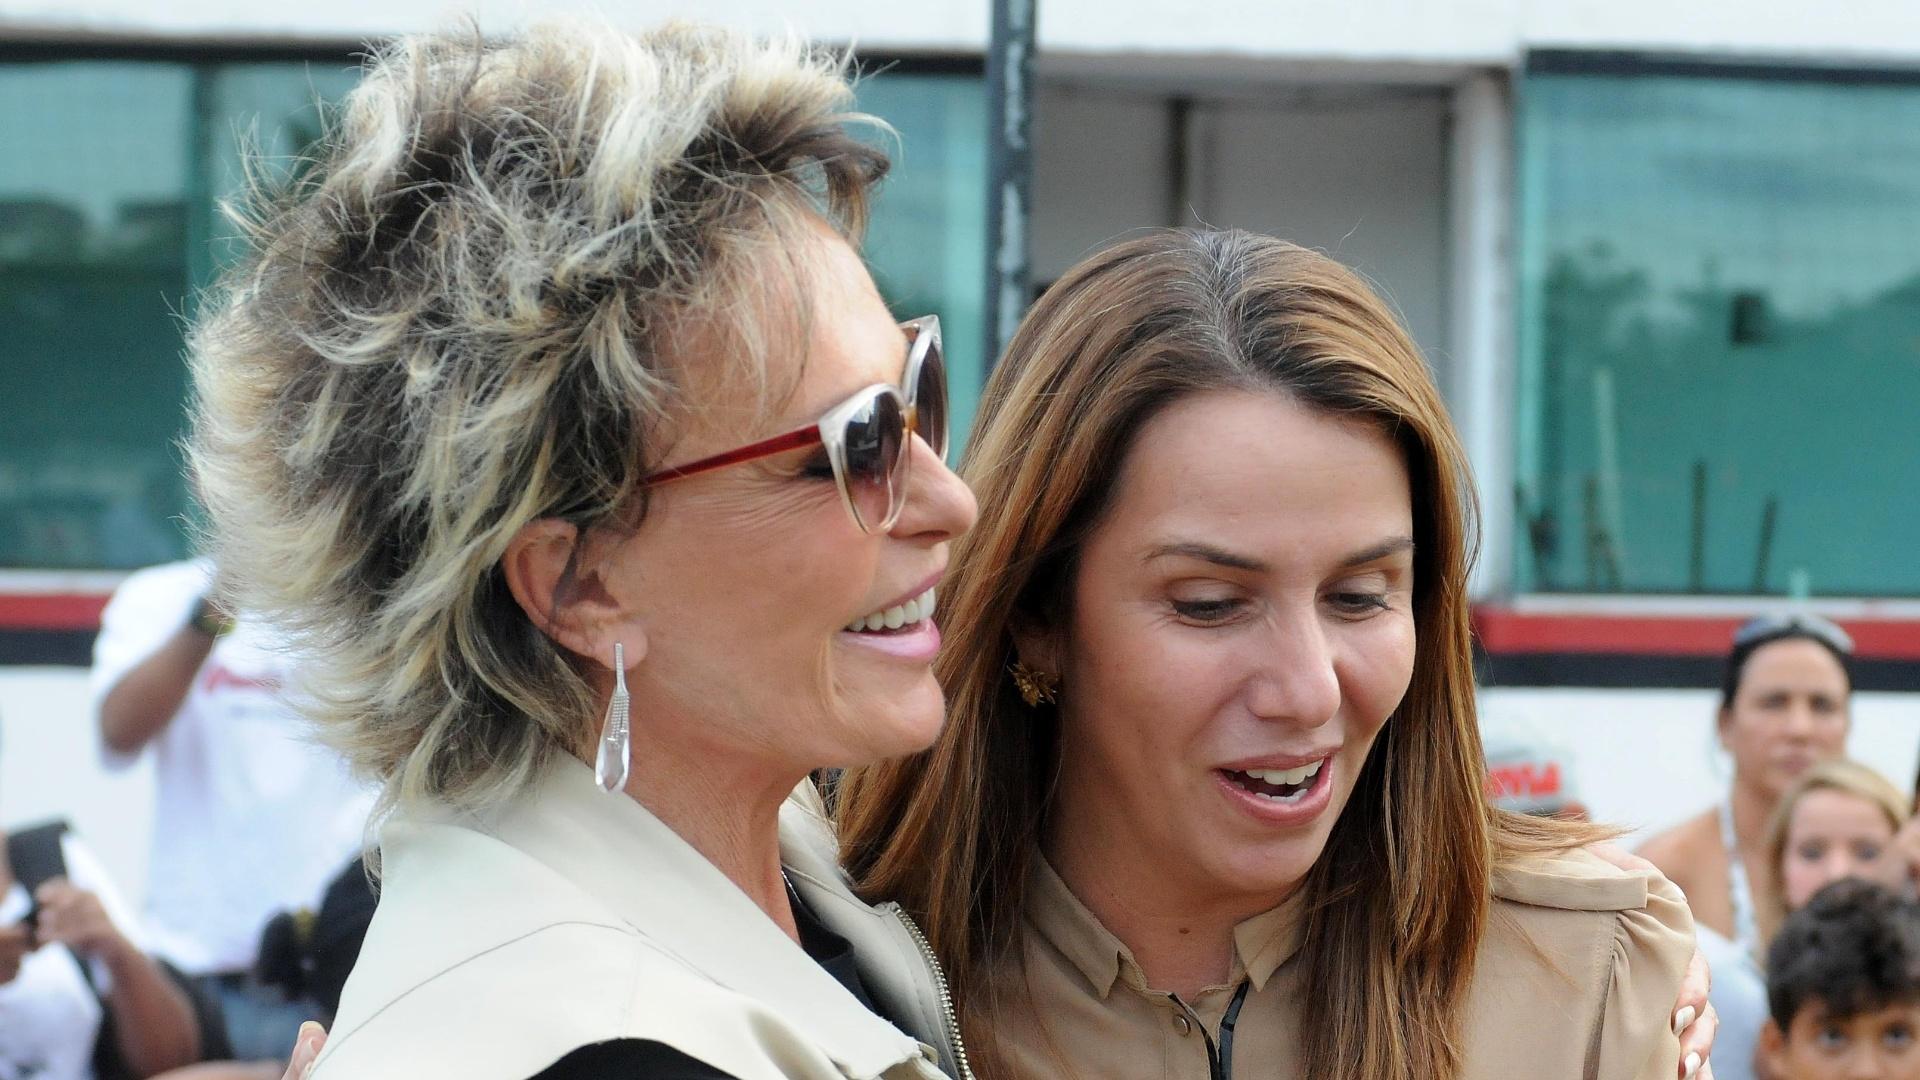 Ana Maria Braga e Patrícia Amorim trocaram elogios durante encontro na Gávea